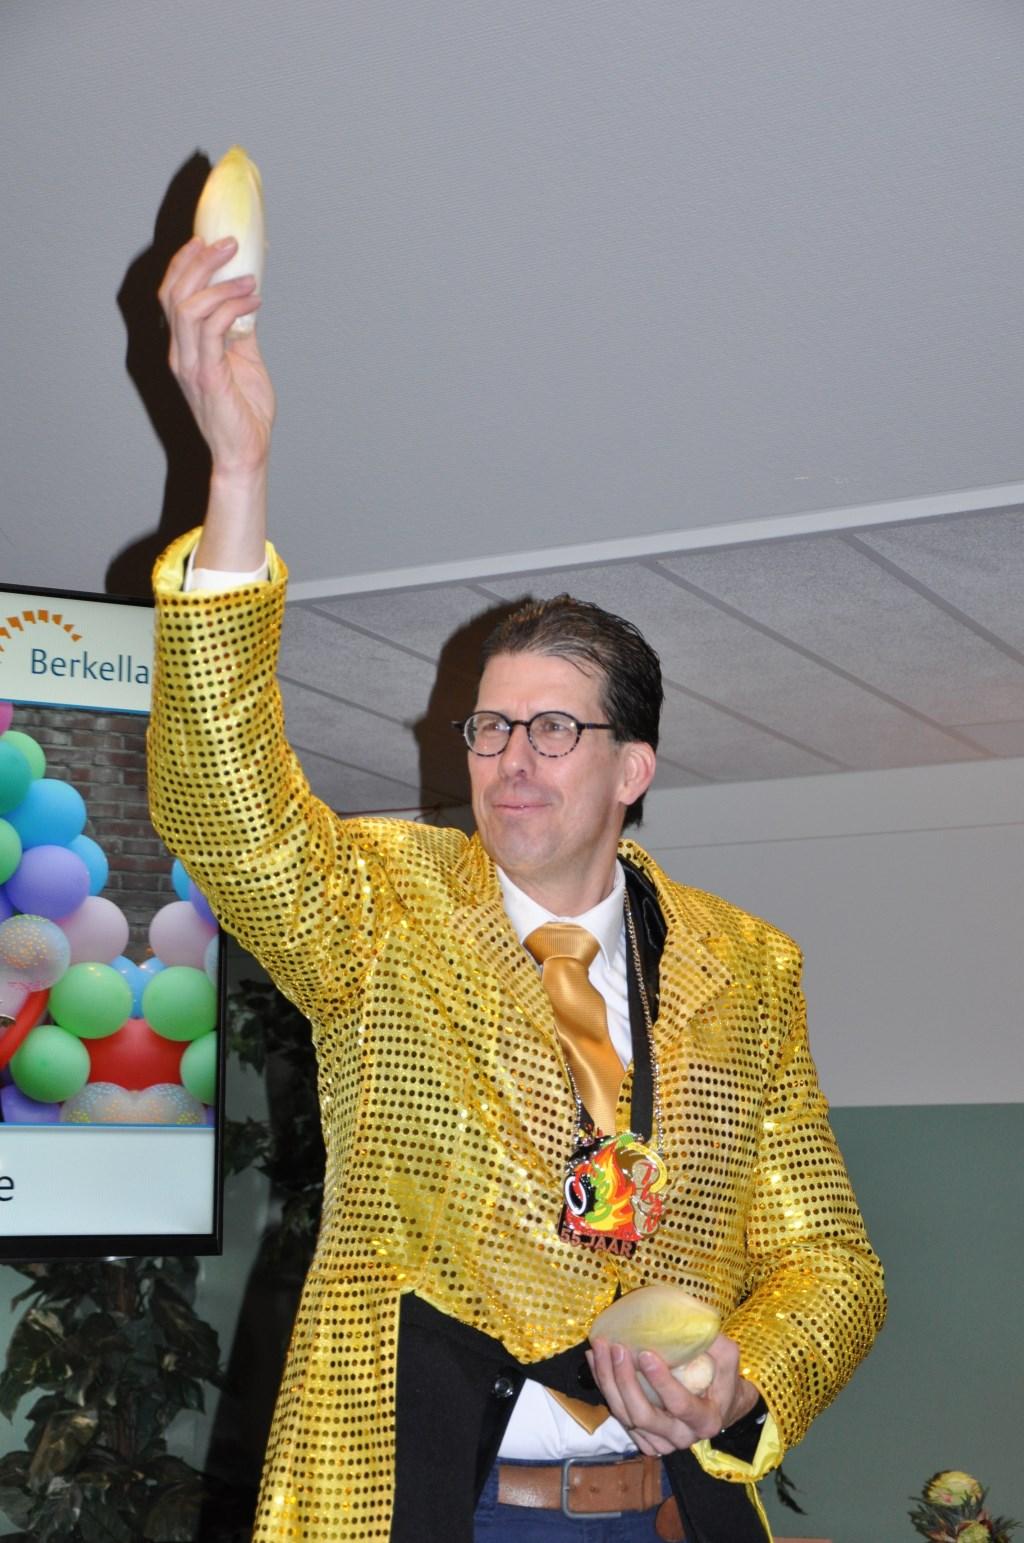 De burgemeester ontving 'with love' zijn witlof. Foto: Sandra Baas  © Achterhoek Nieuws b.v.